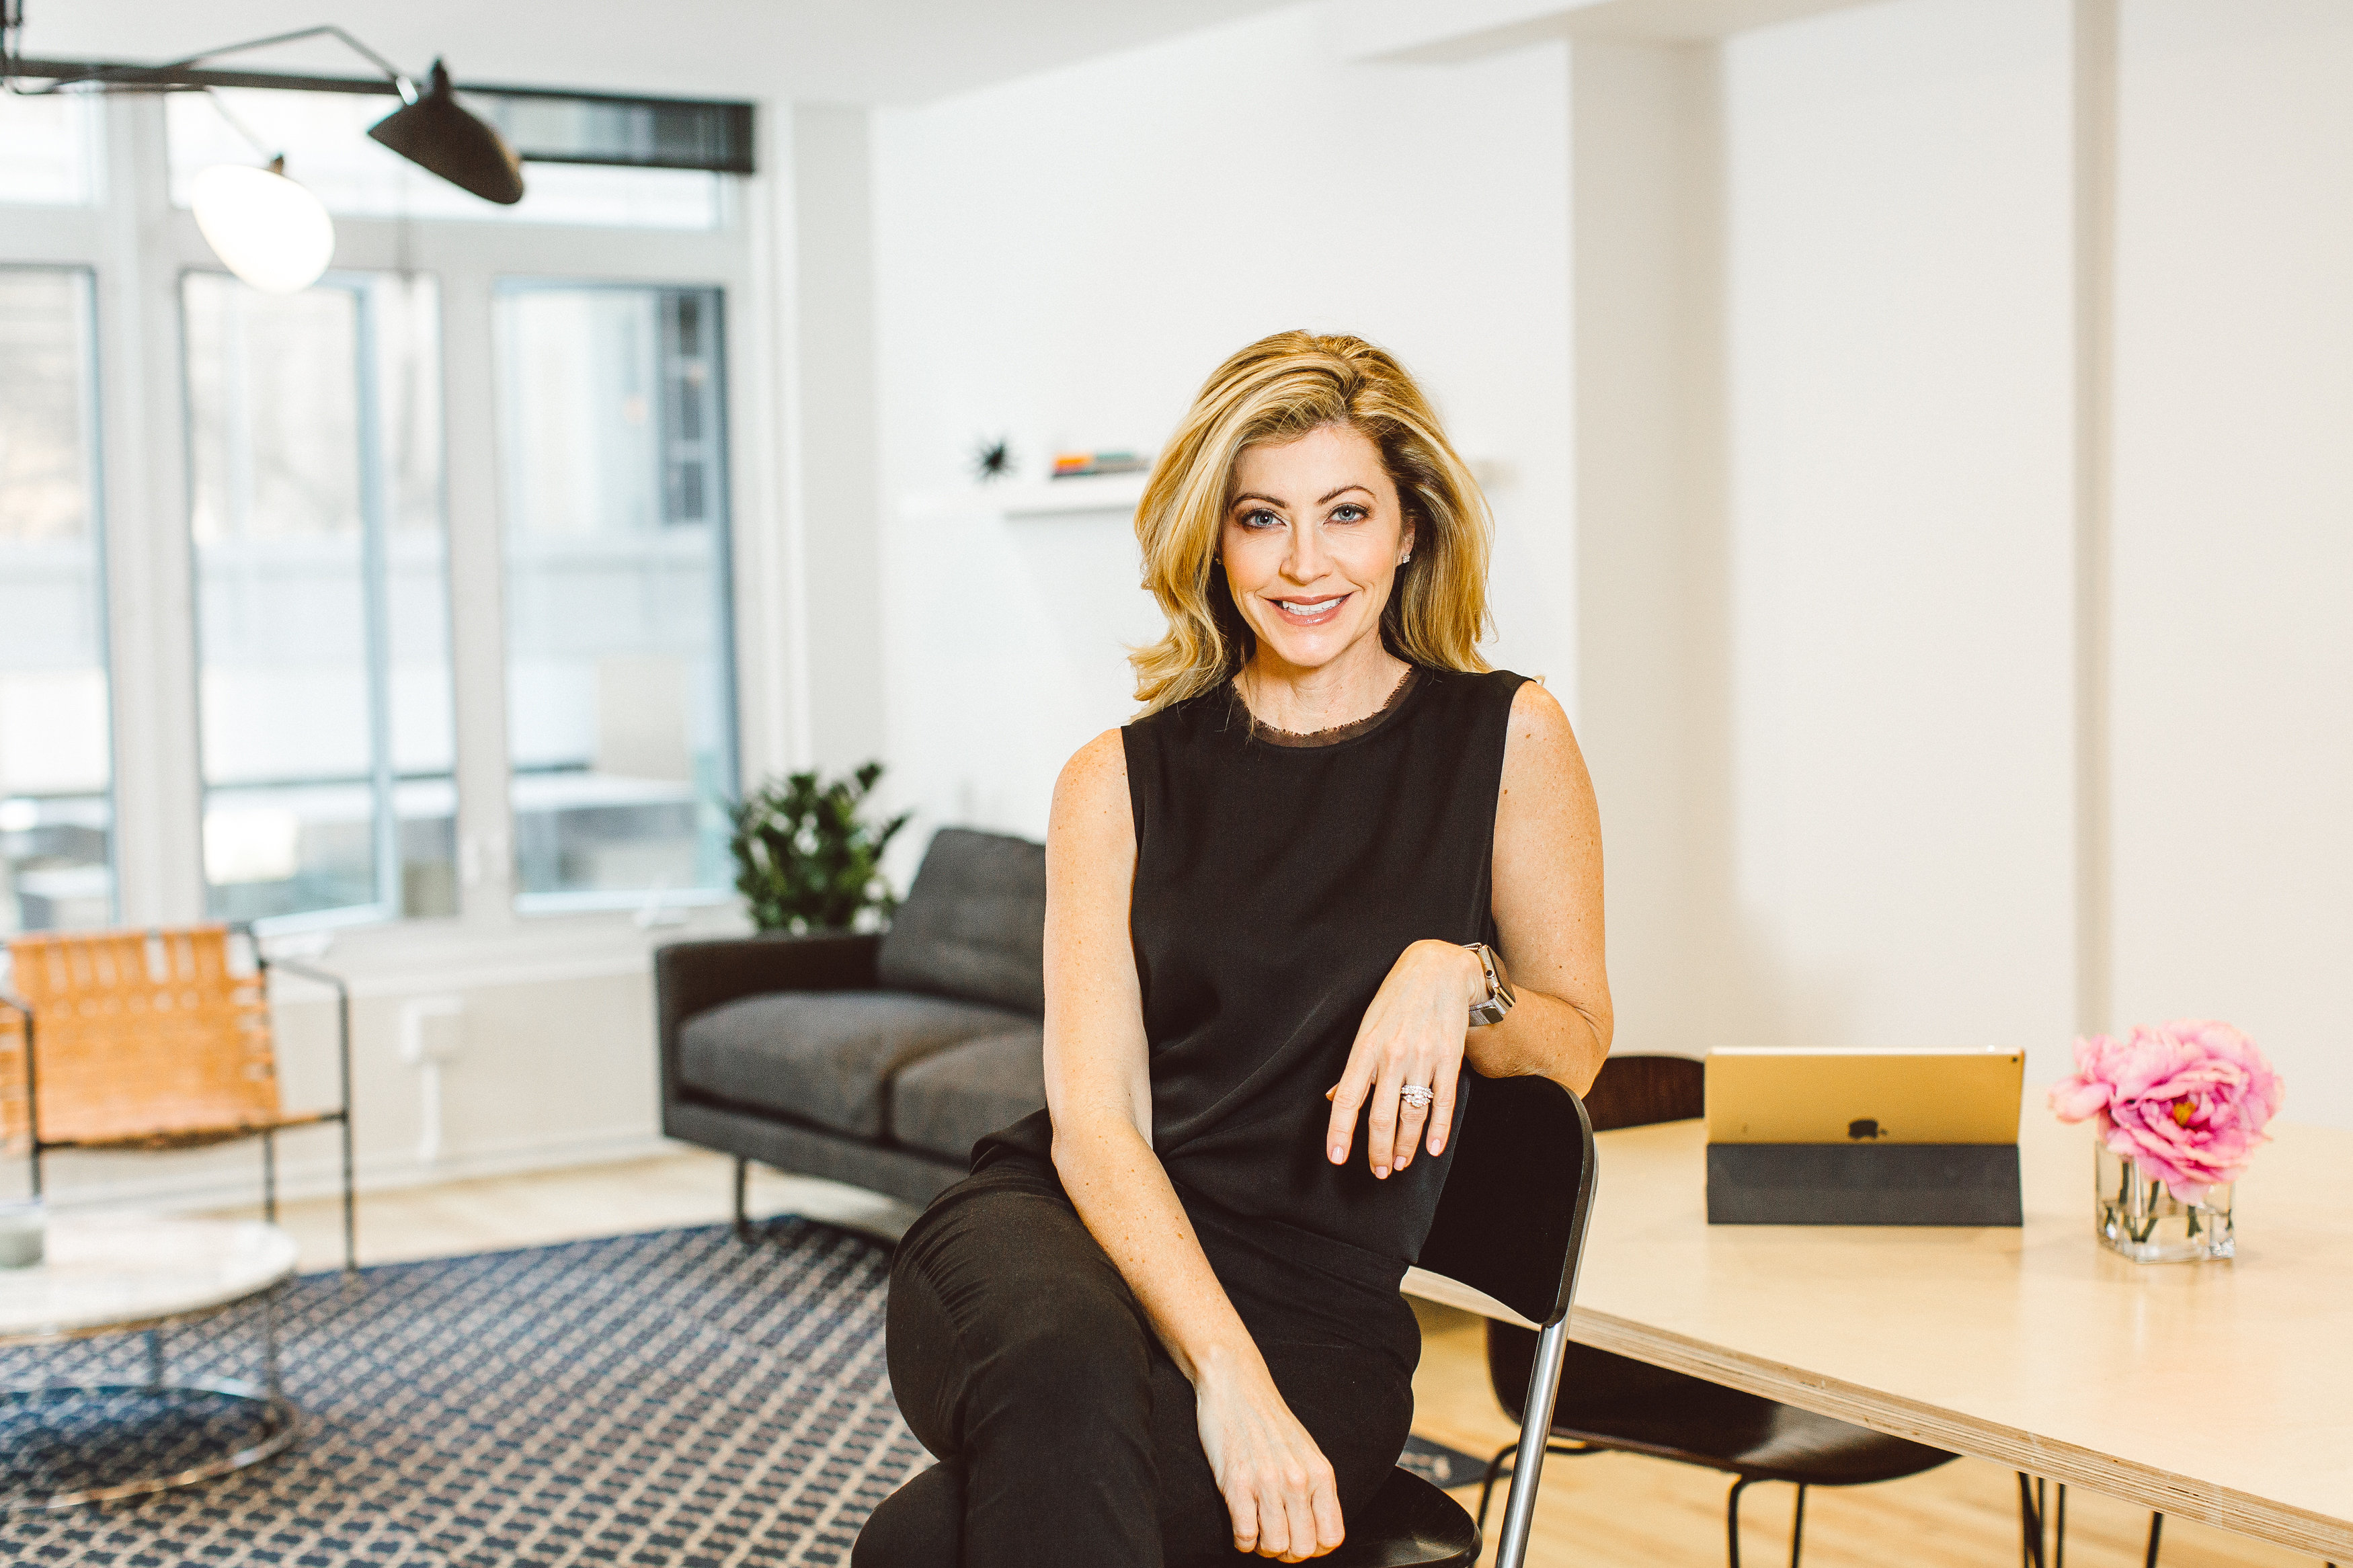 Jennifer Gefsky